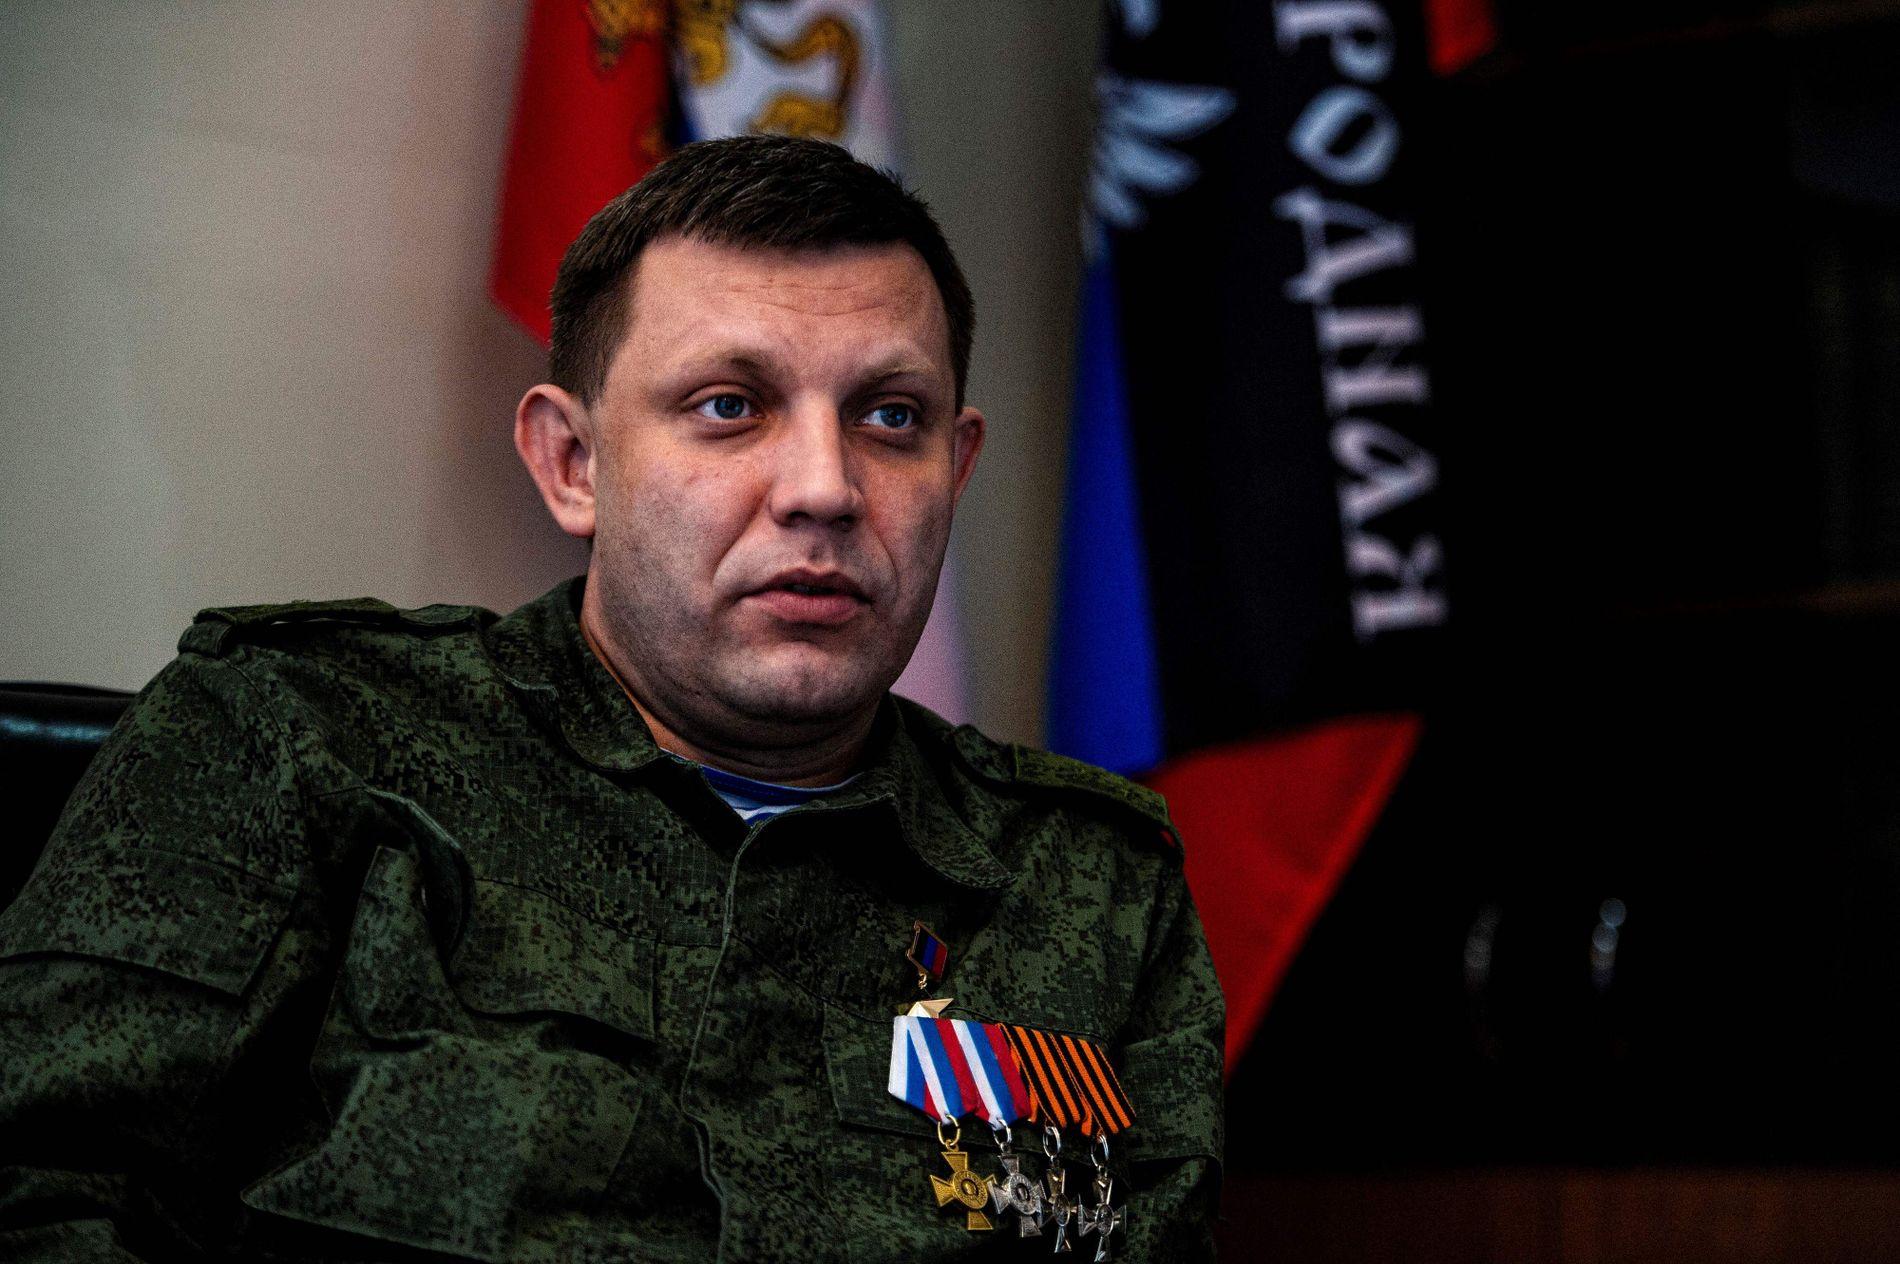 SEPARATISTLEDER: Alexander Zakhartsjenko er statsminister i den selverklærte «Folkerepublikken Donetsk». Her er han fotografert i forbindelse med et intervju i 2015.